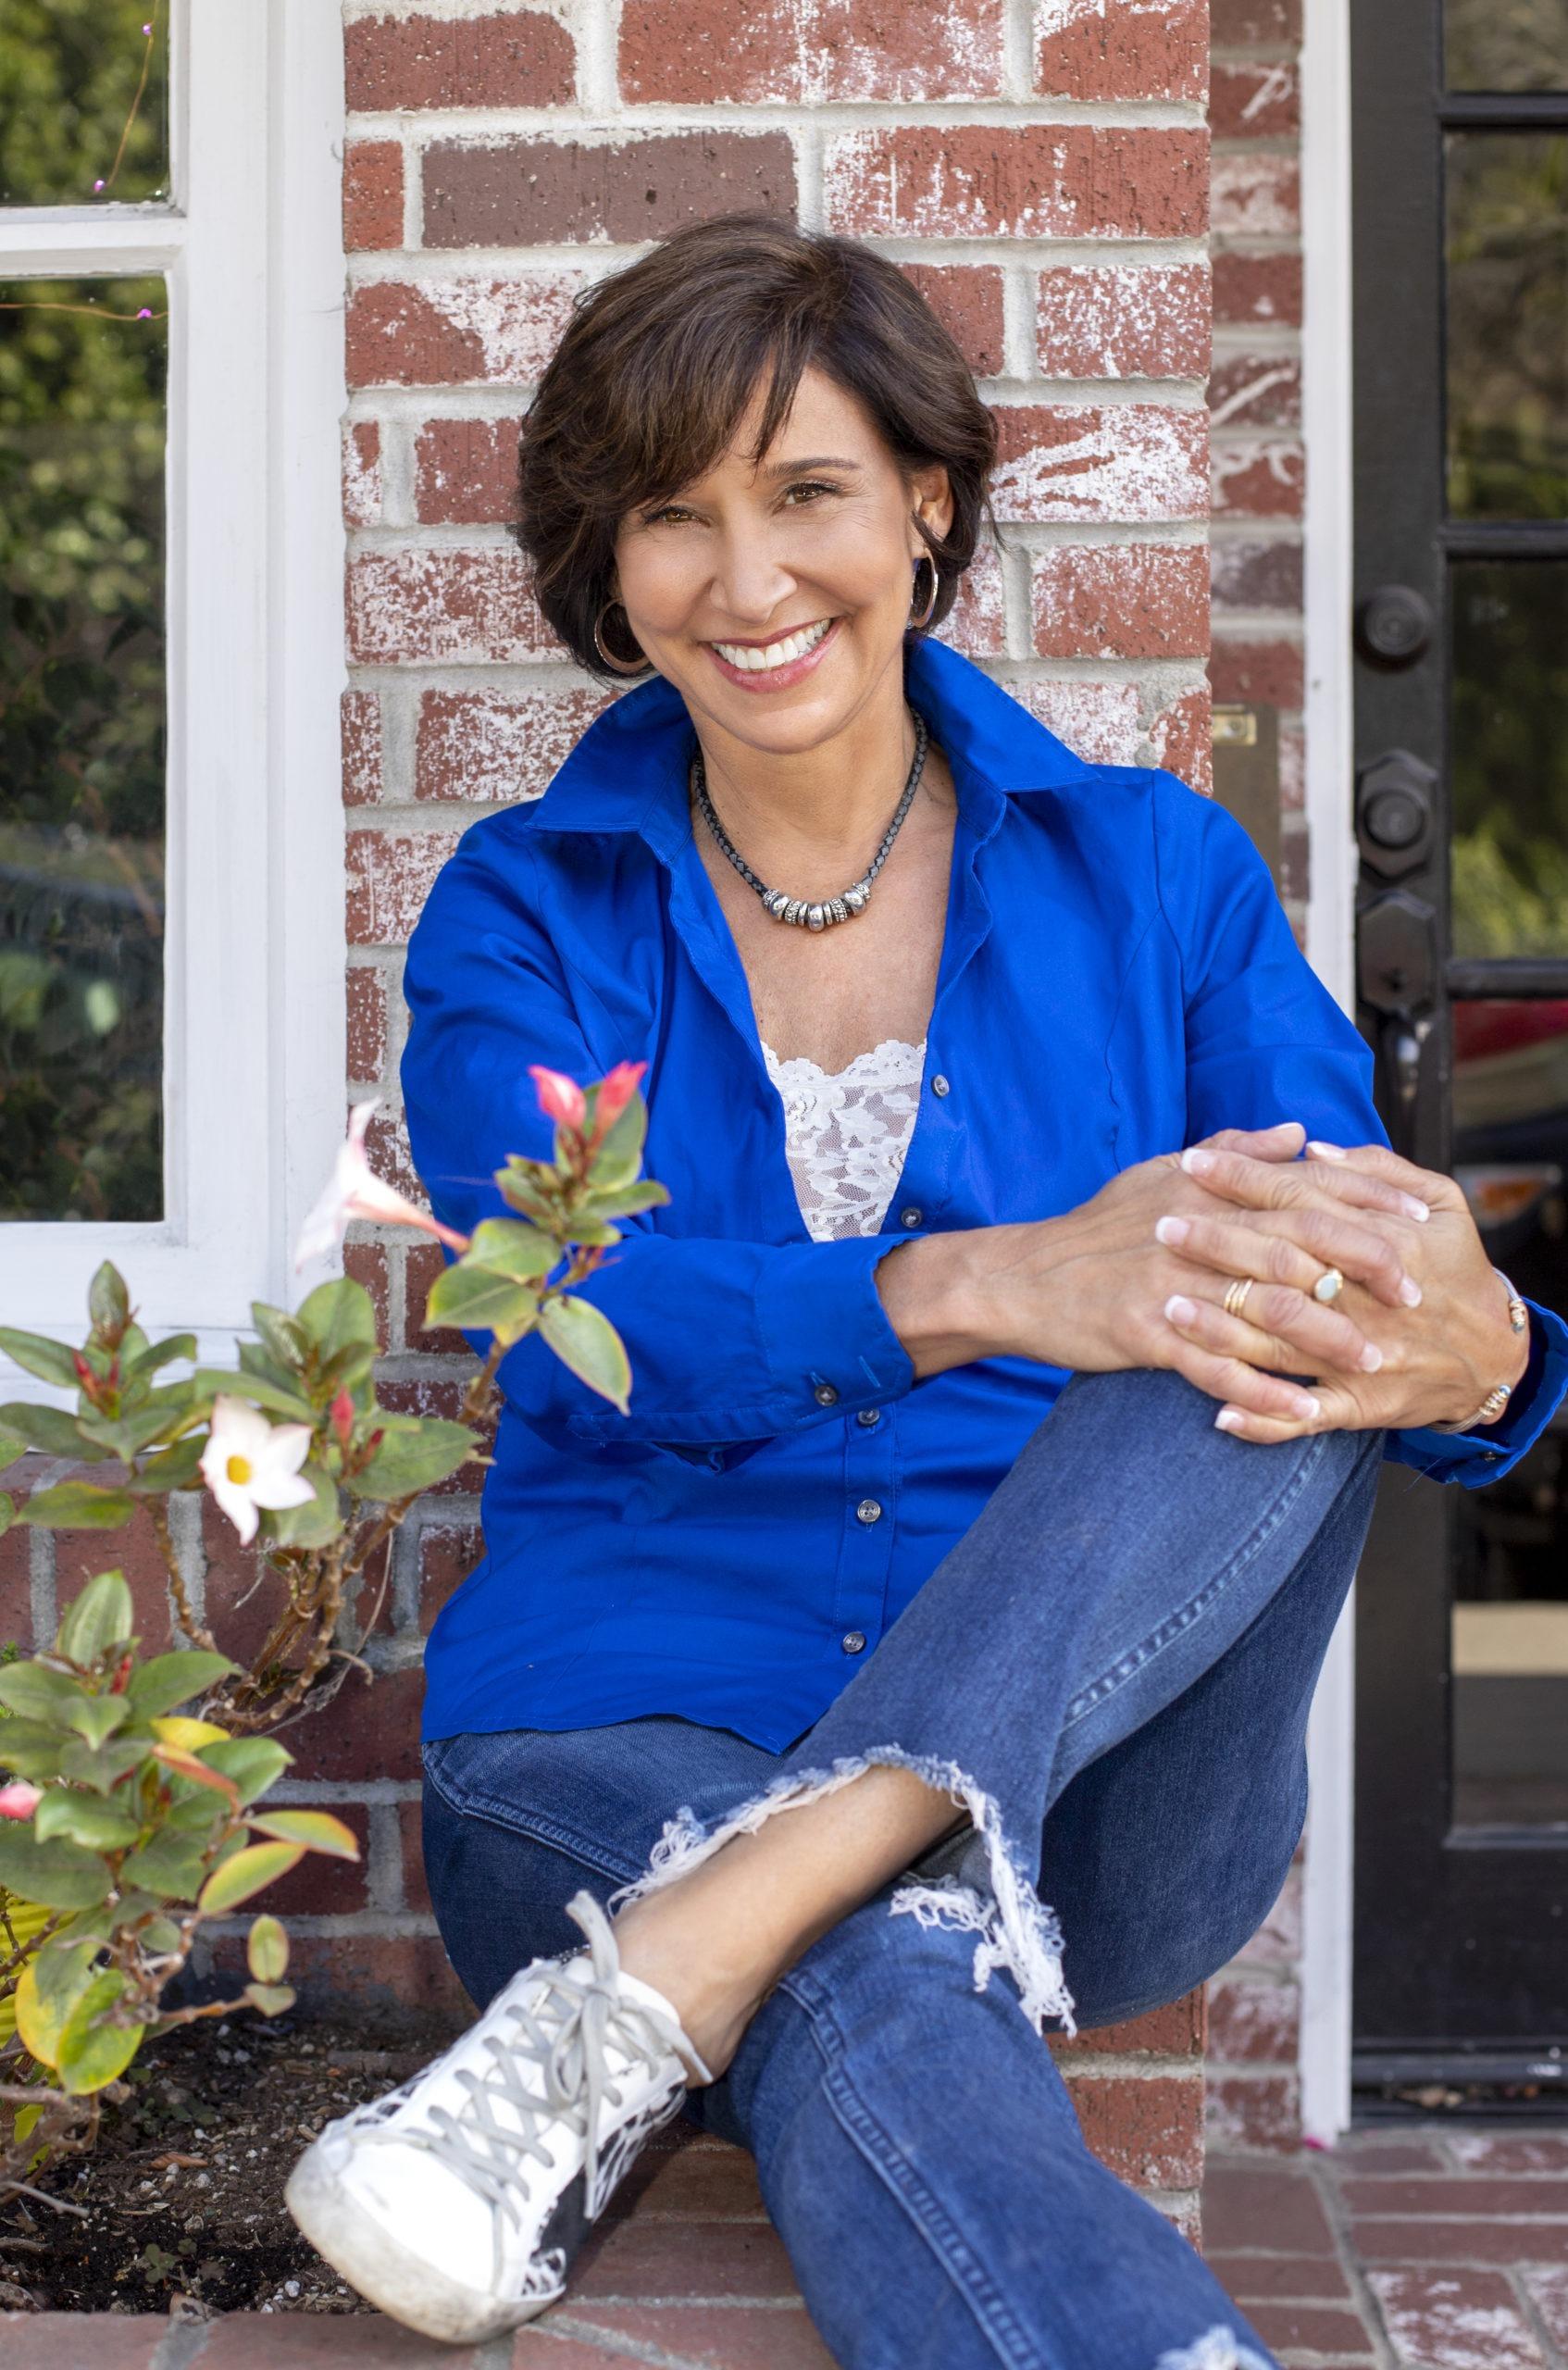 Joanna Klein